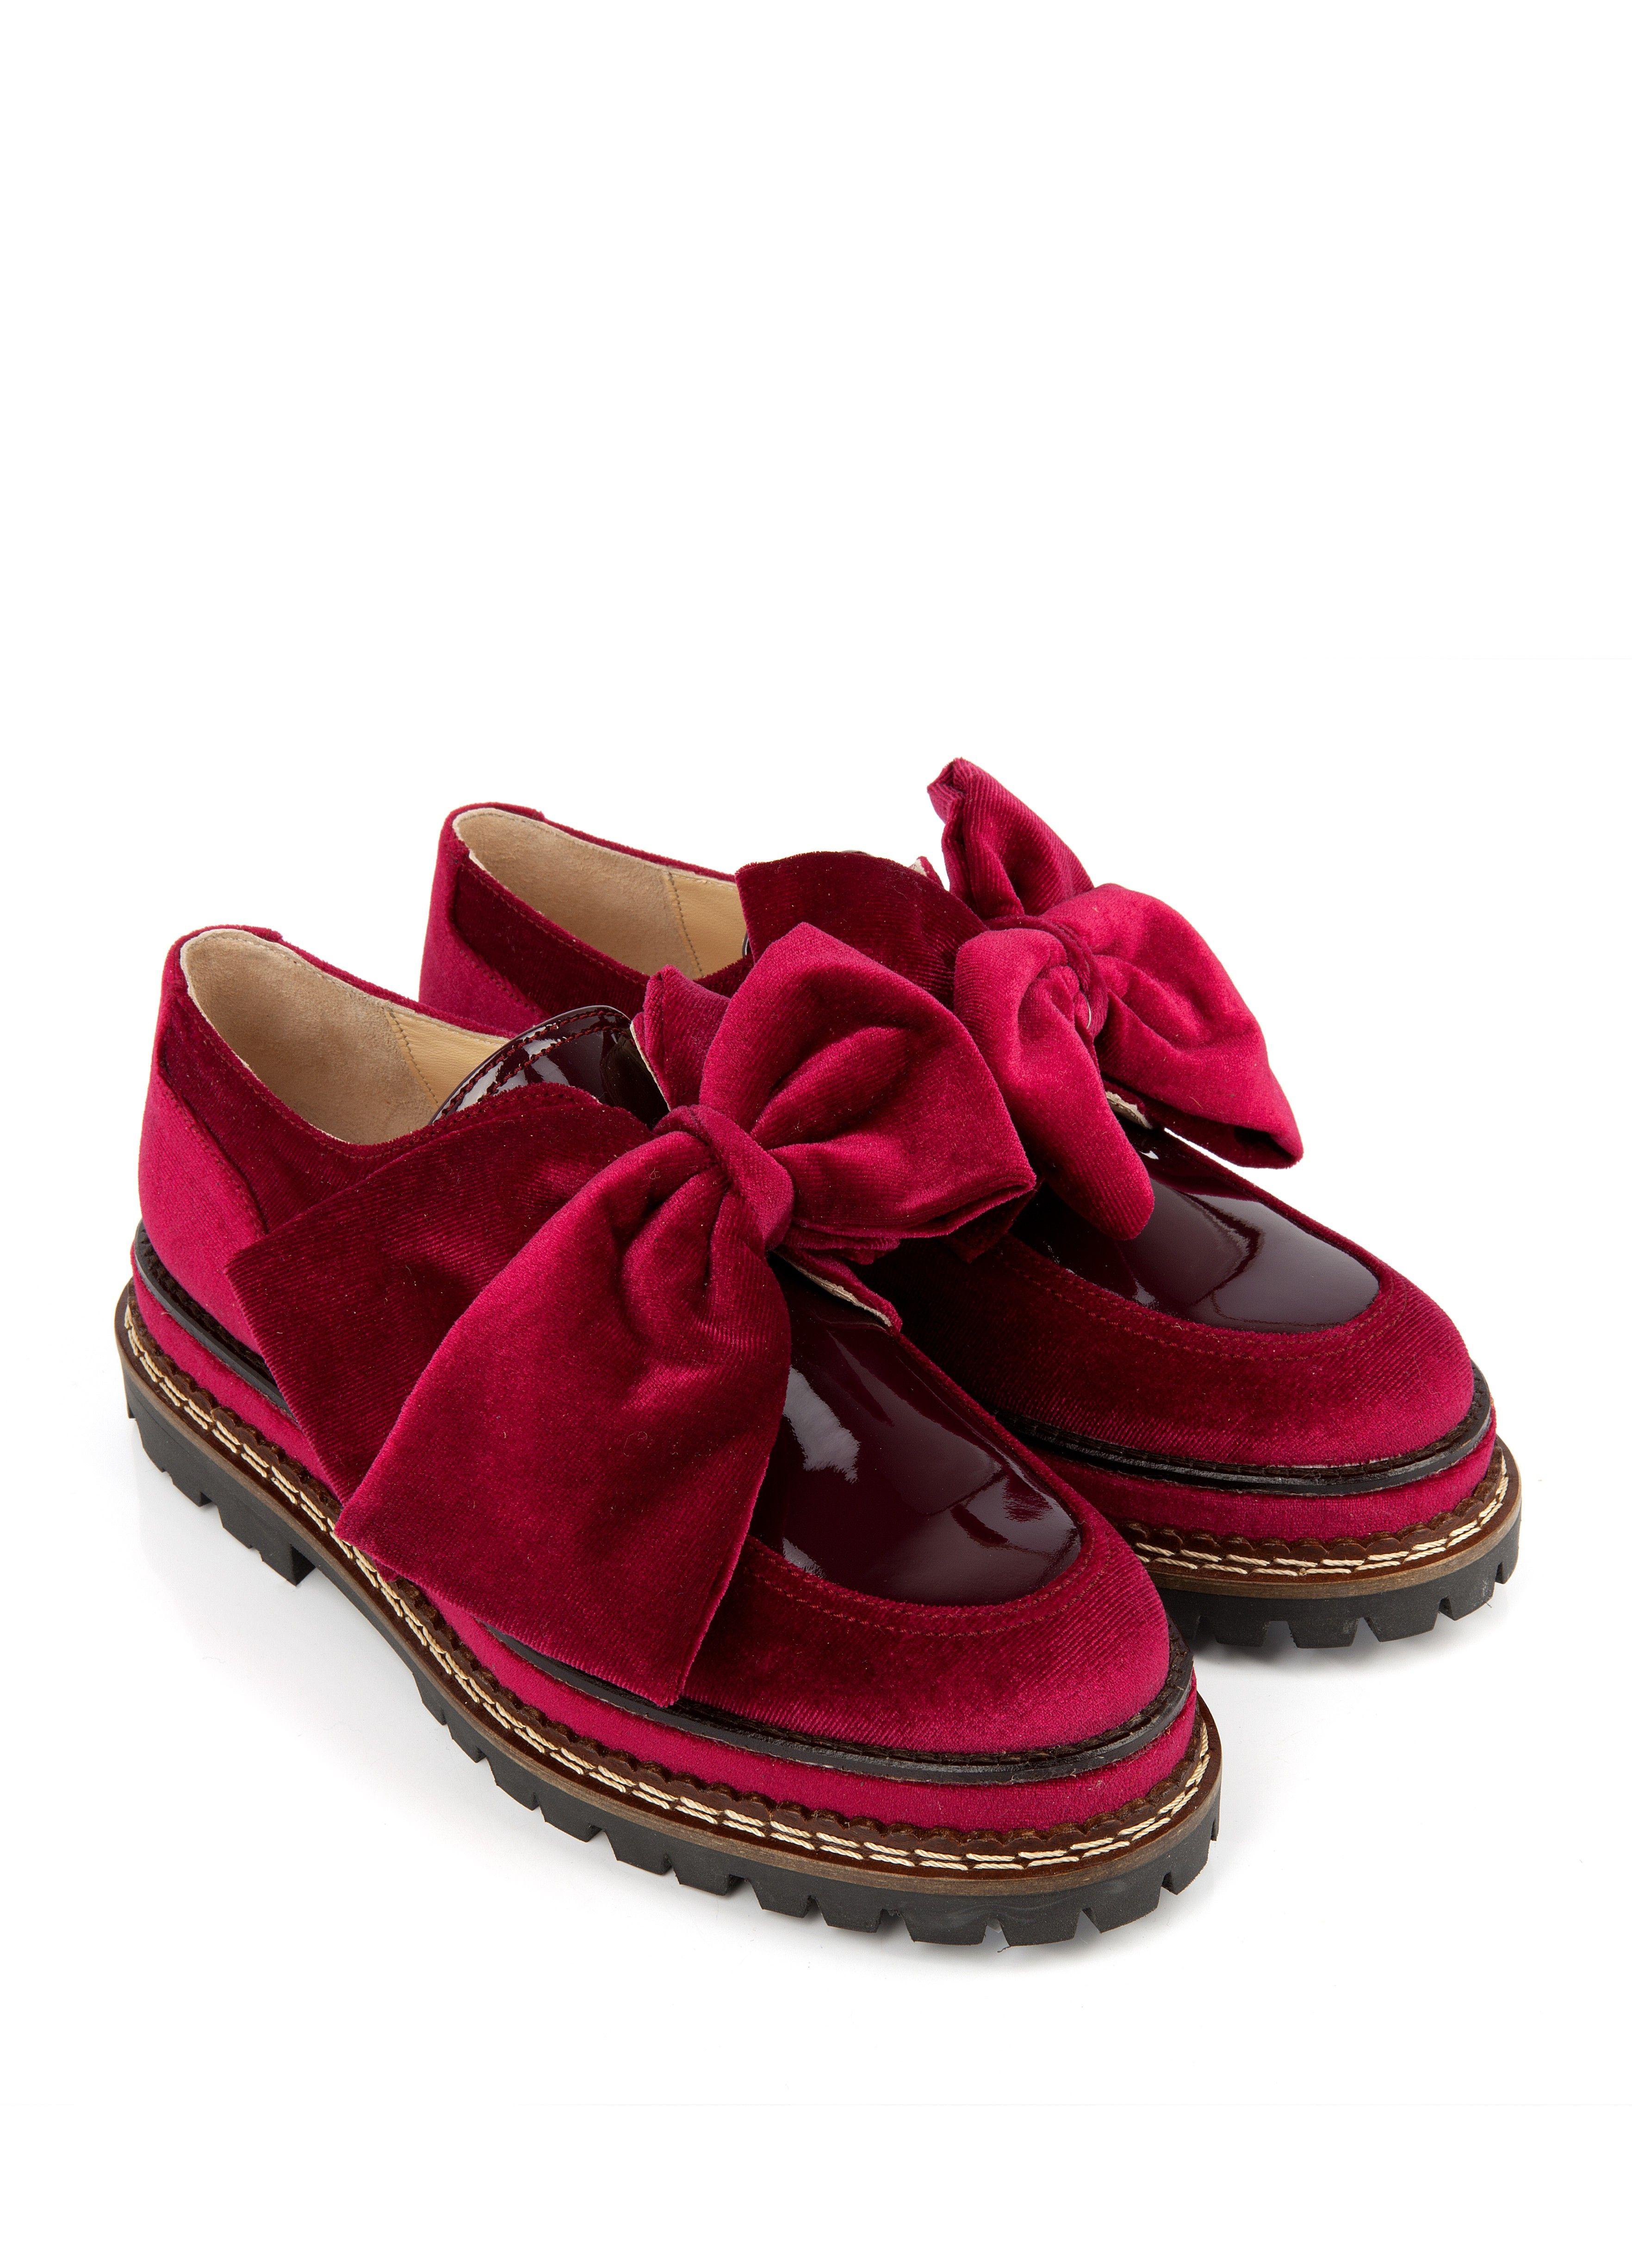 Femme Texas Mocassins Derbyamp; Rouge Chaussures Mocassin wmNn08